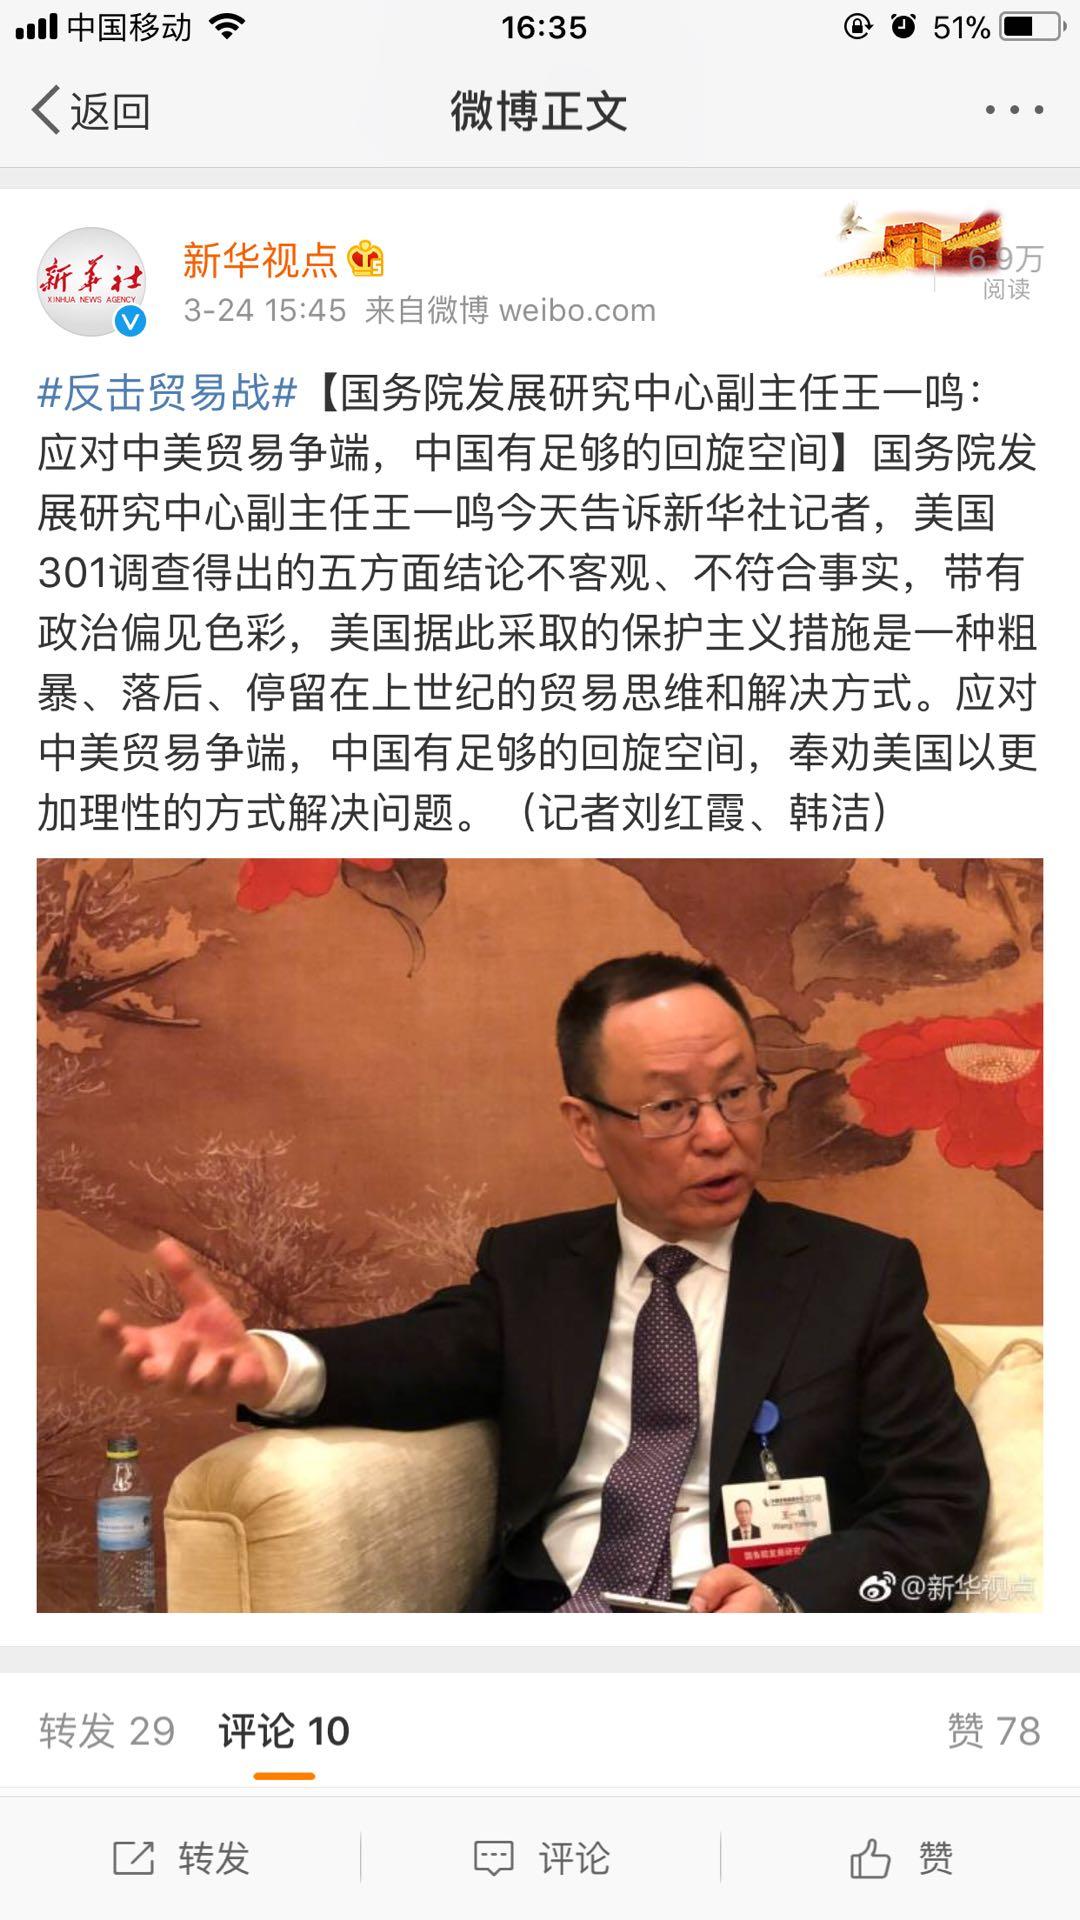 王一鸣:应对中美贸易争端 中国有足够的回旋空间